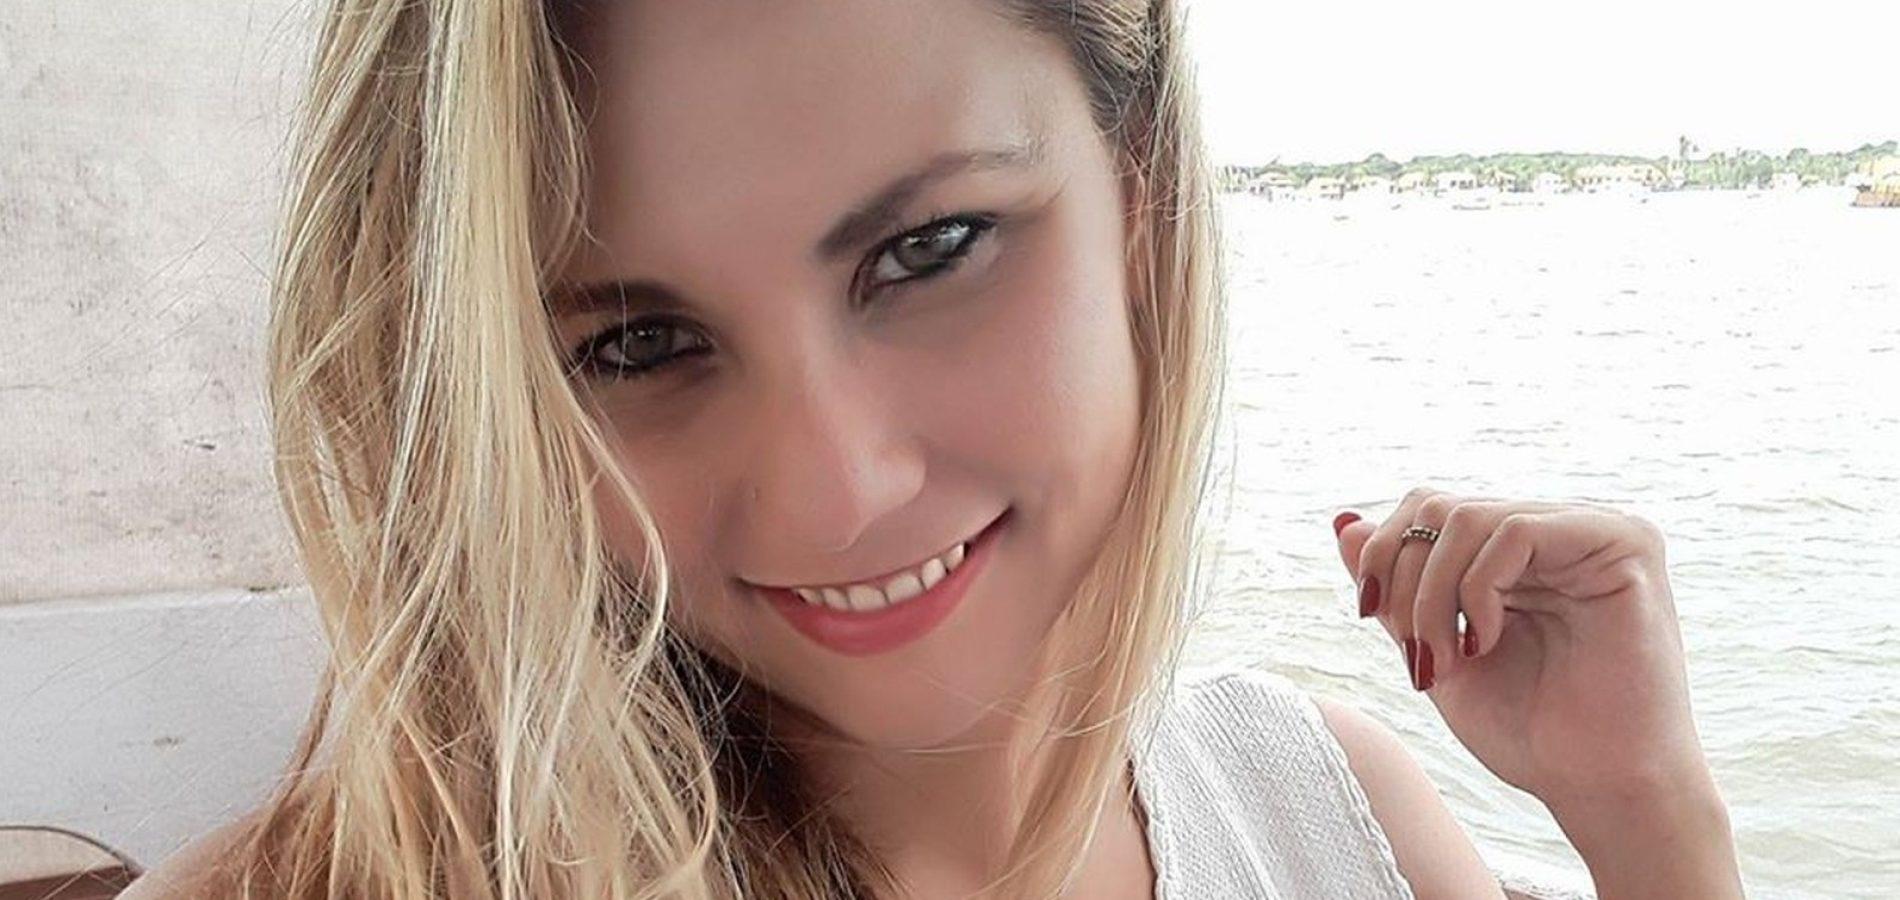 Estudante de jornalismo Patrícia Andrade é encontrada após 8 dias